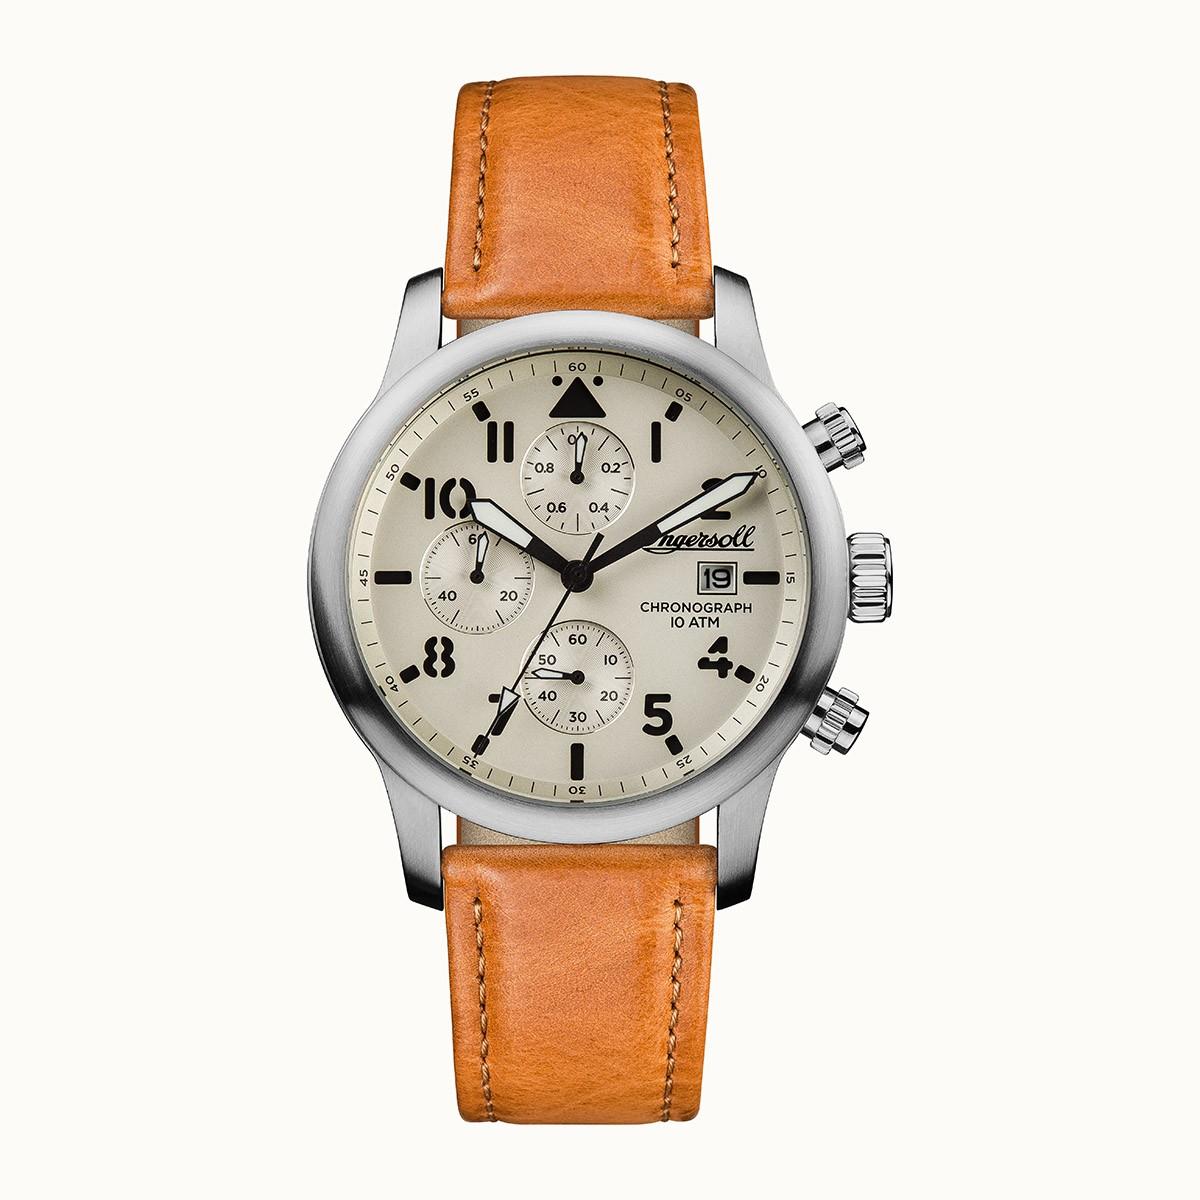 ساعت مچی عقربه ای مردانه اینگرسل مدل I01501 11